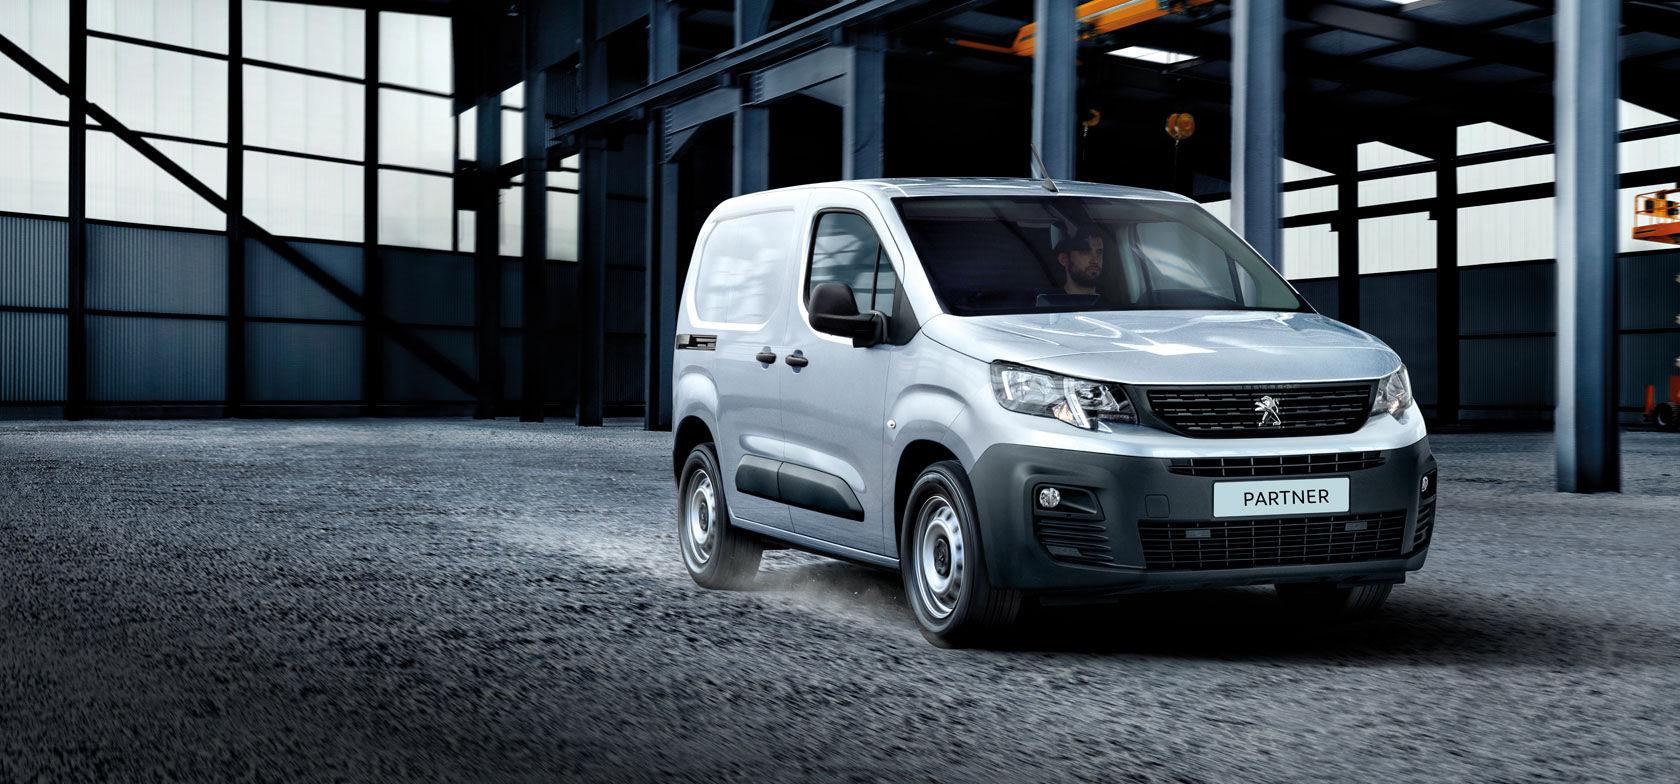 Uusi Peugeot Partner - vuoden pakettiauto 2019